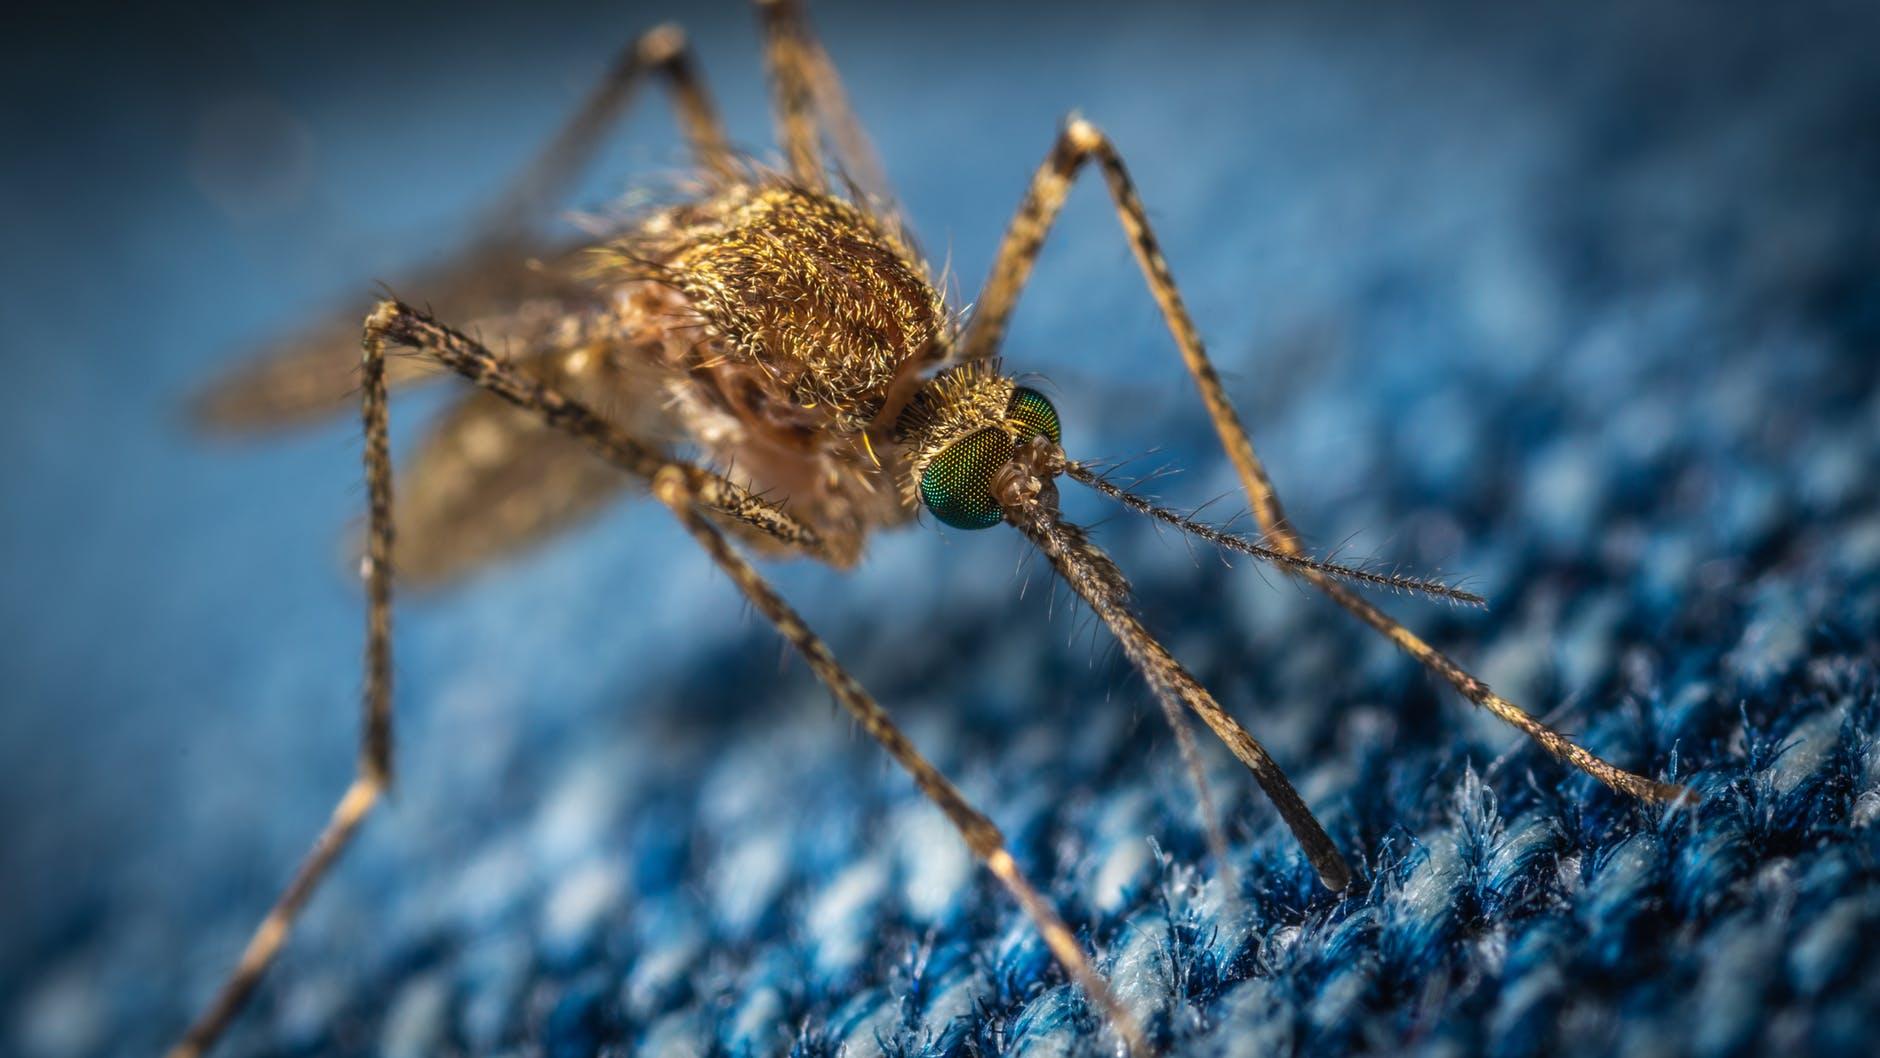 mi a szúnyog látványa